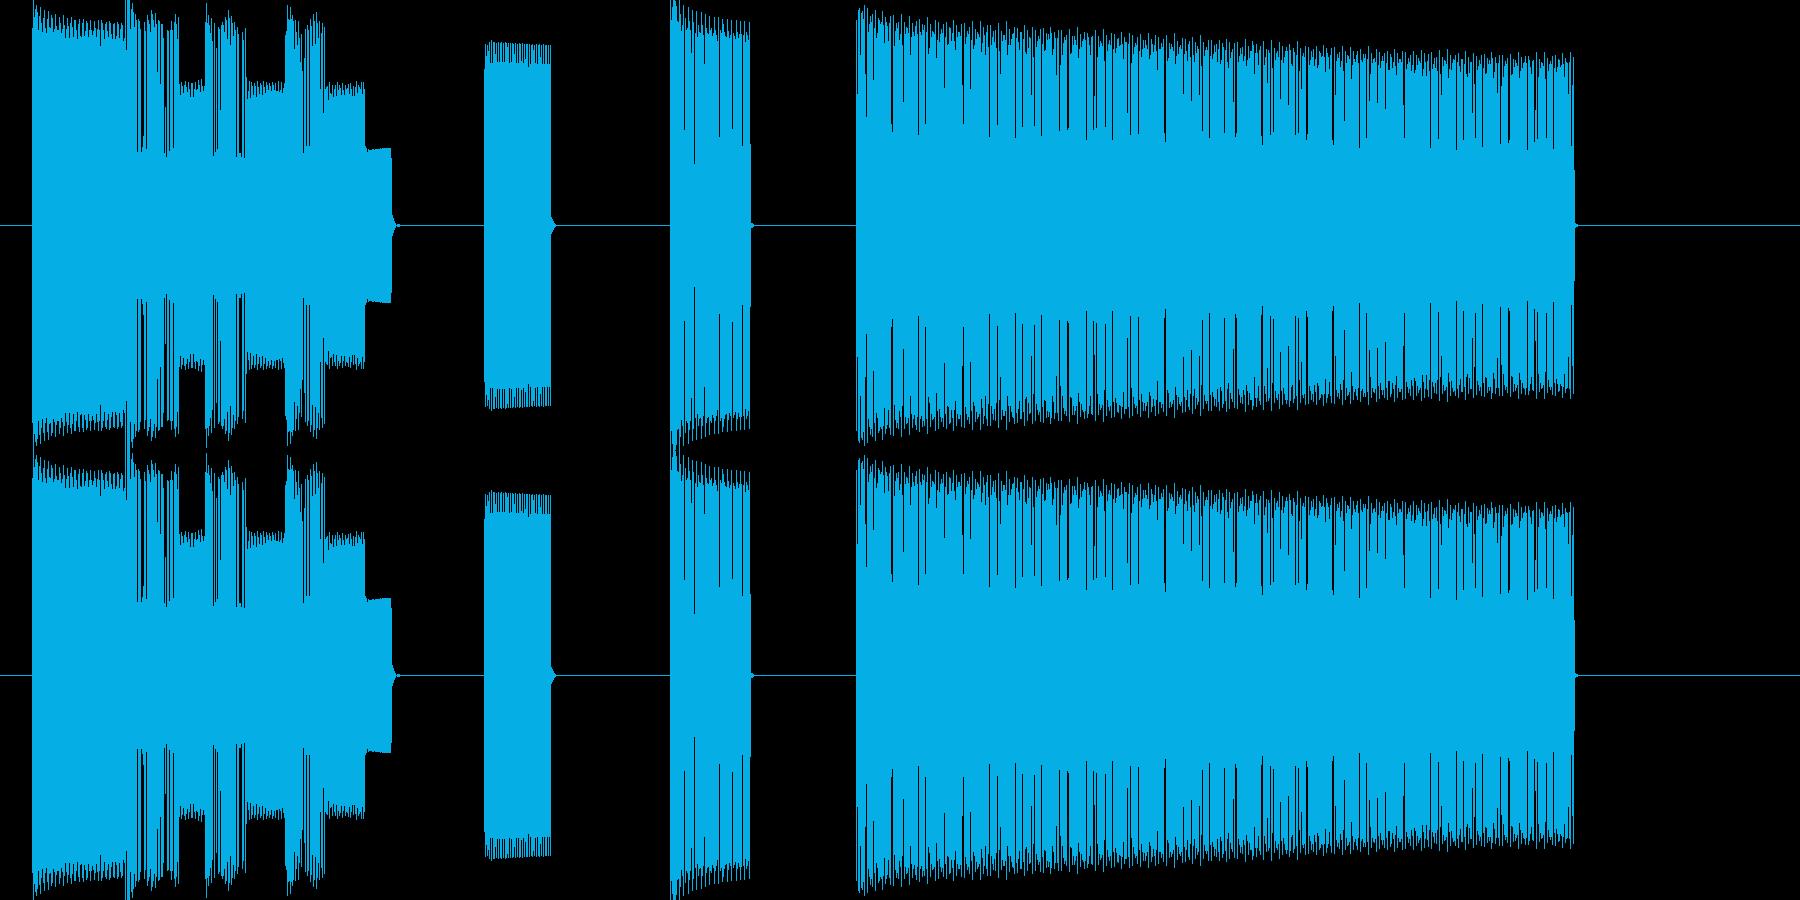 レベルアップ_8bit_ドラクエ風の再生済みの波形